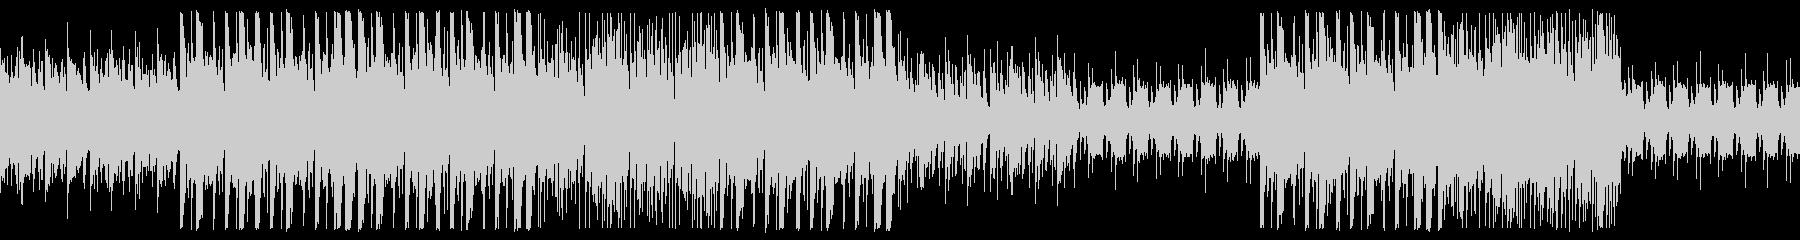 クールなTRAP風BGMの未再生の波形